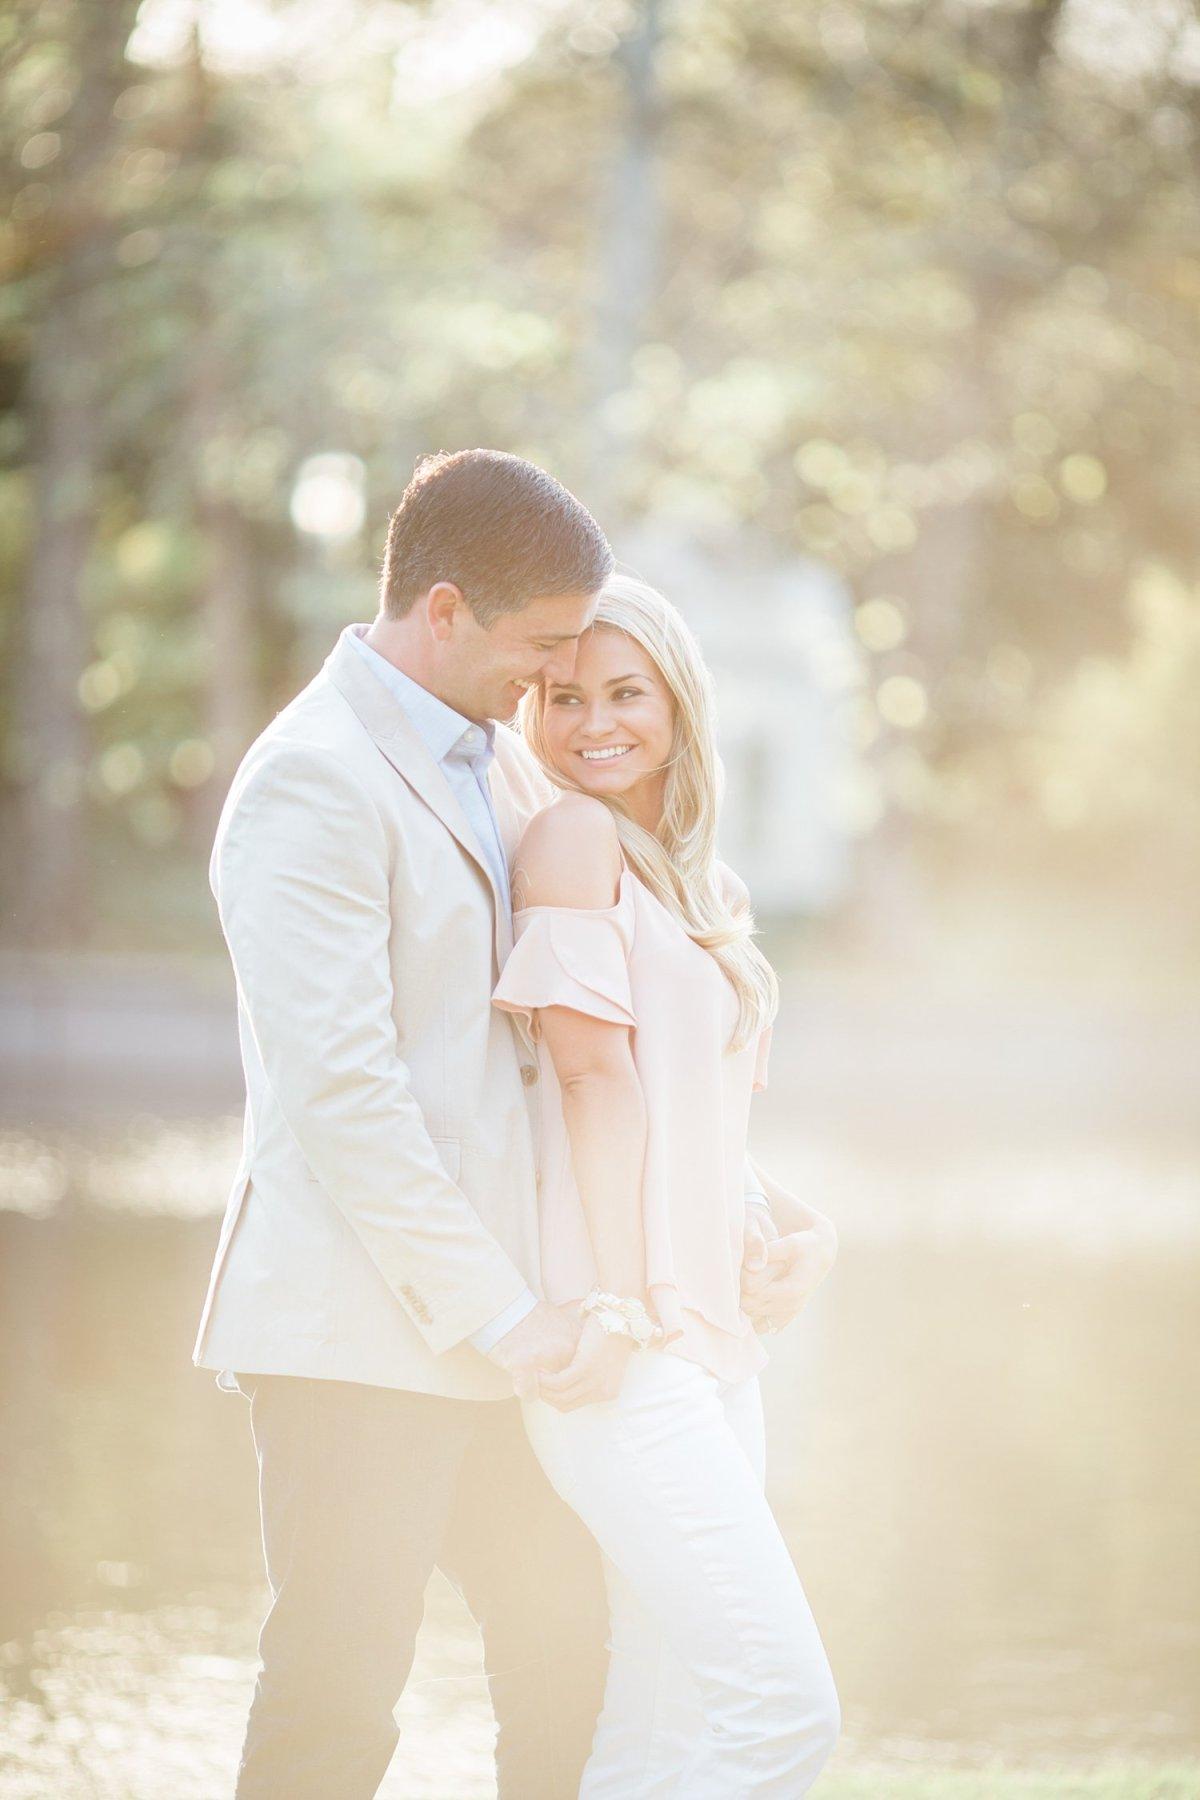 highland-park-wedding-photographer-dallas-stephanie-aaron-22